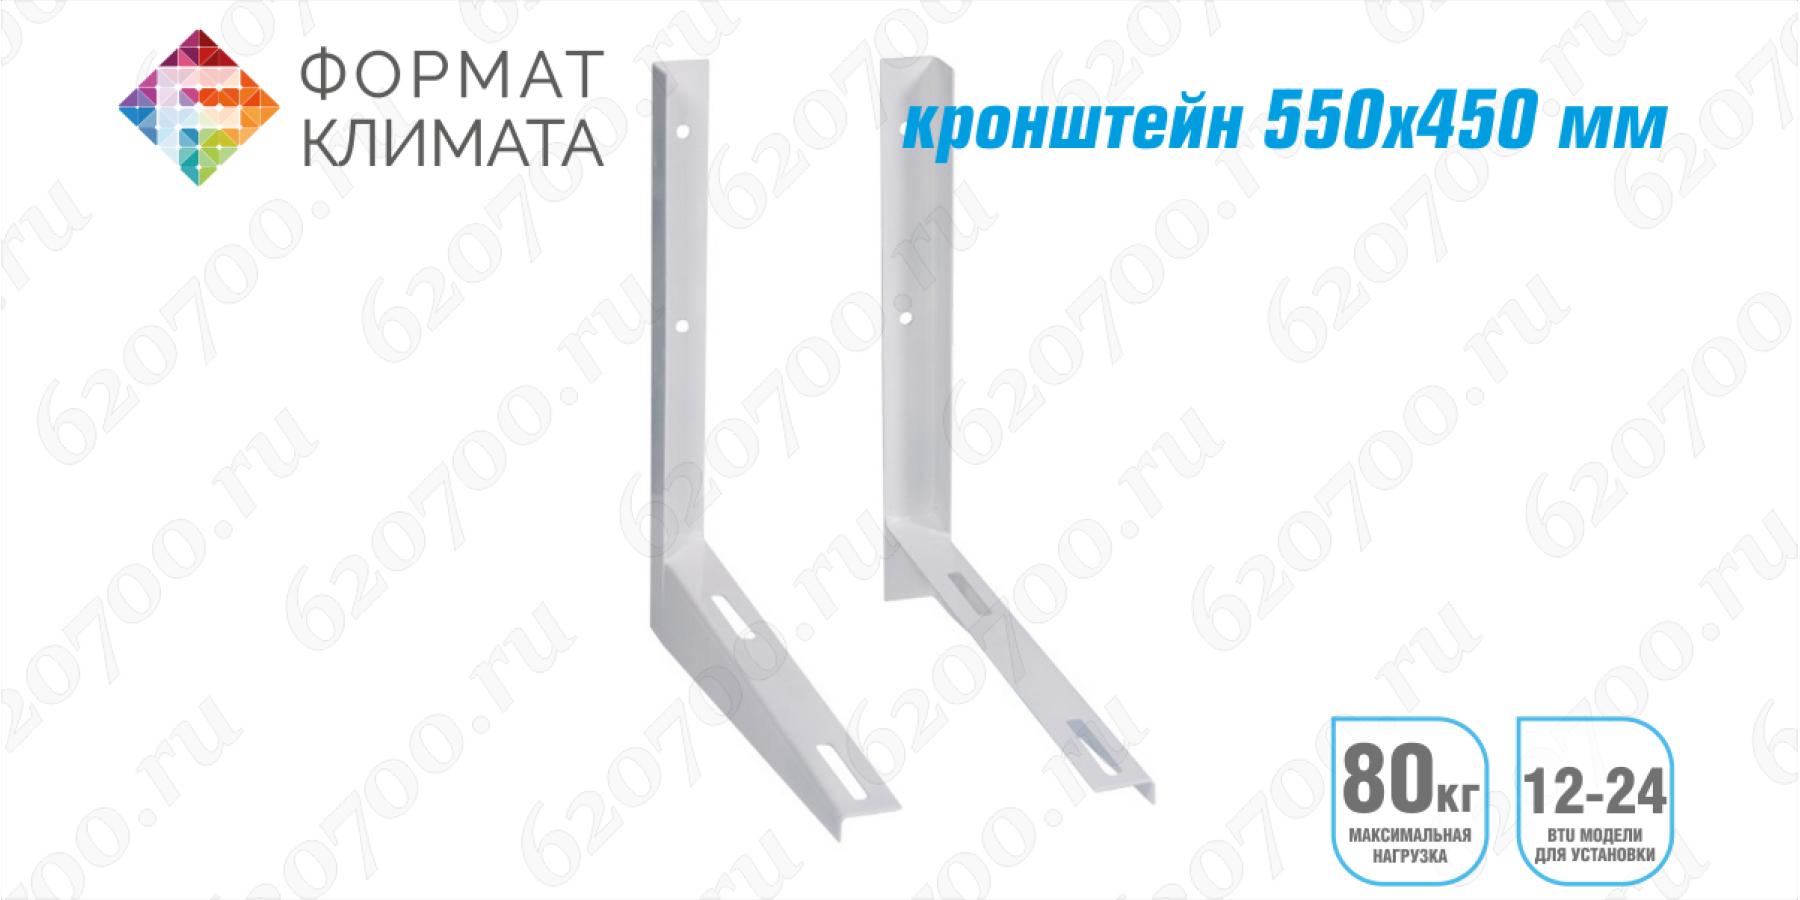 Кронштейн 550x450 мм пара для 12,18,24 BTU